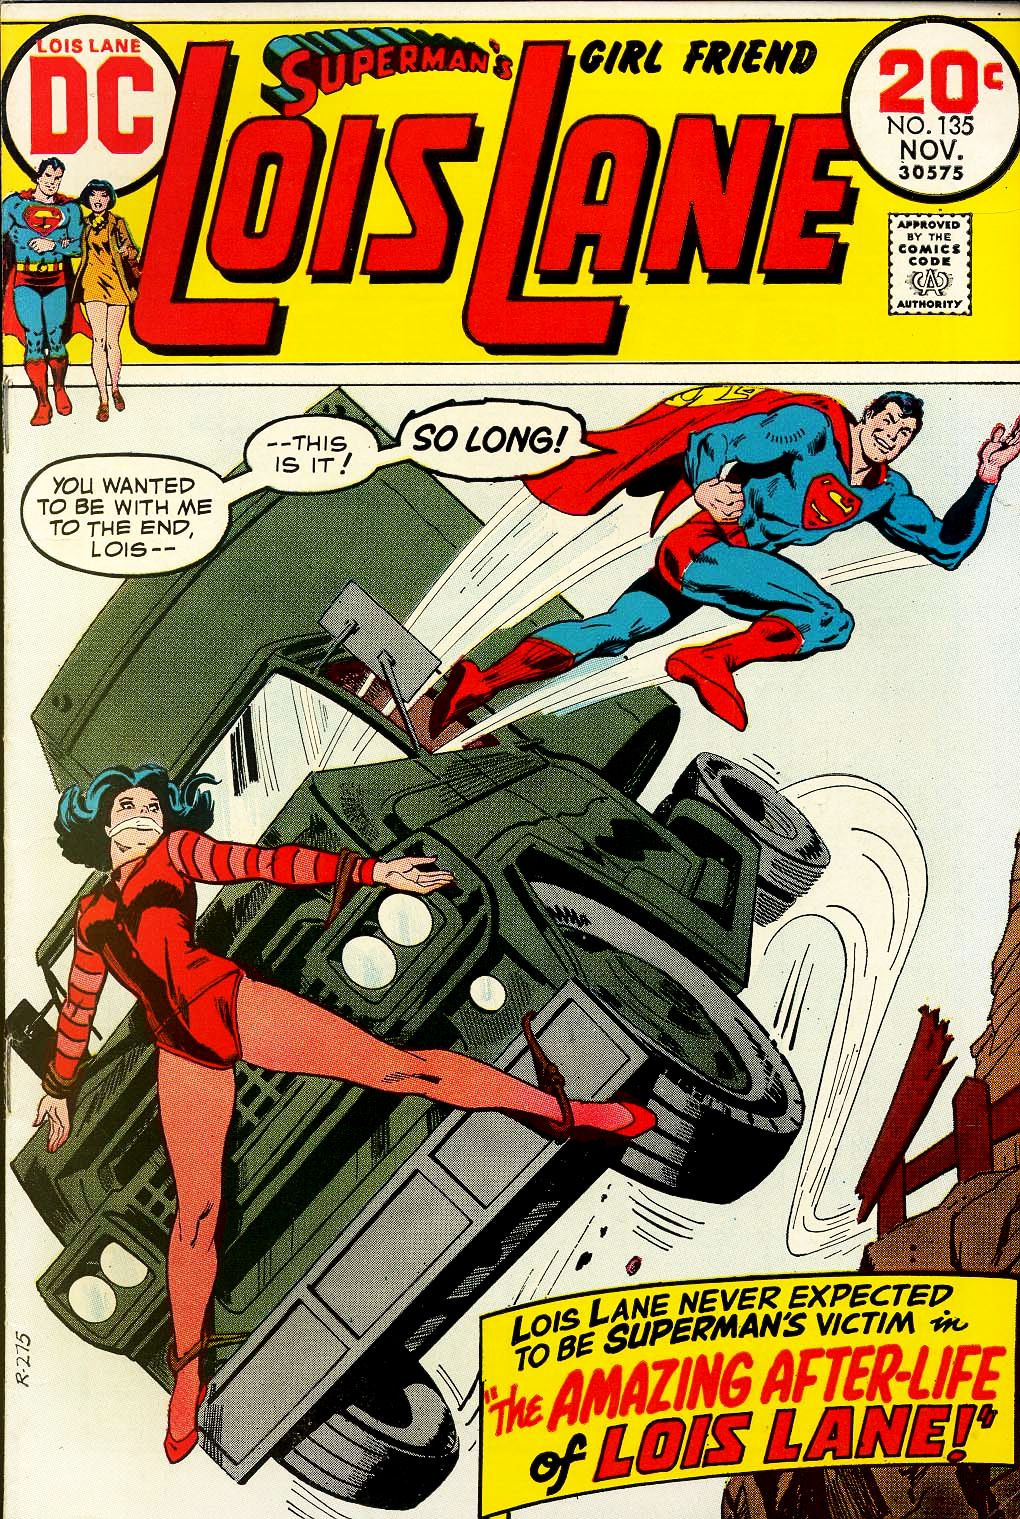 Supermans Girl Friend, Lois Lane 135 Page 1